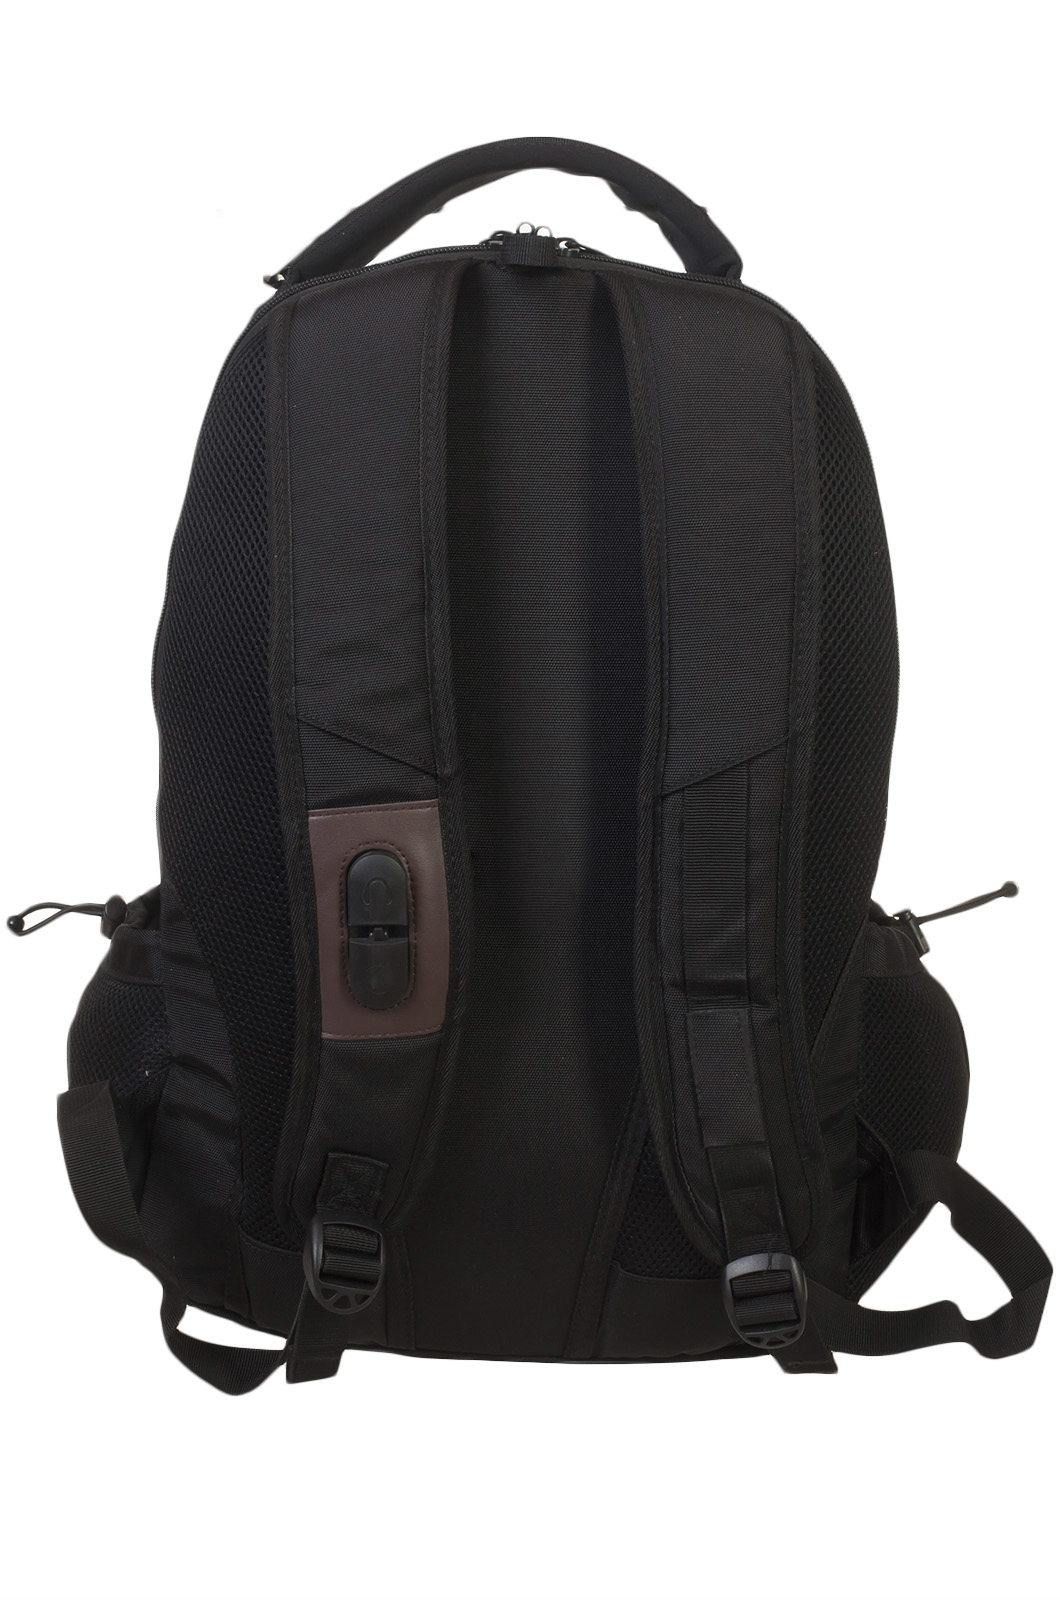 Эргономичный надежный рюкзак с нашивкой Полиция России - купить в розницу